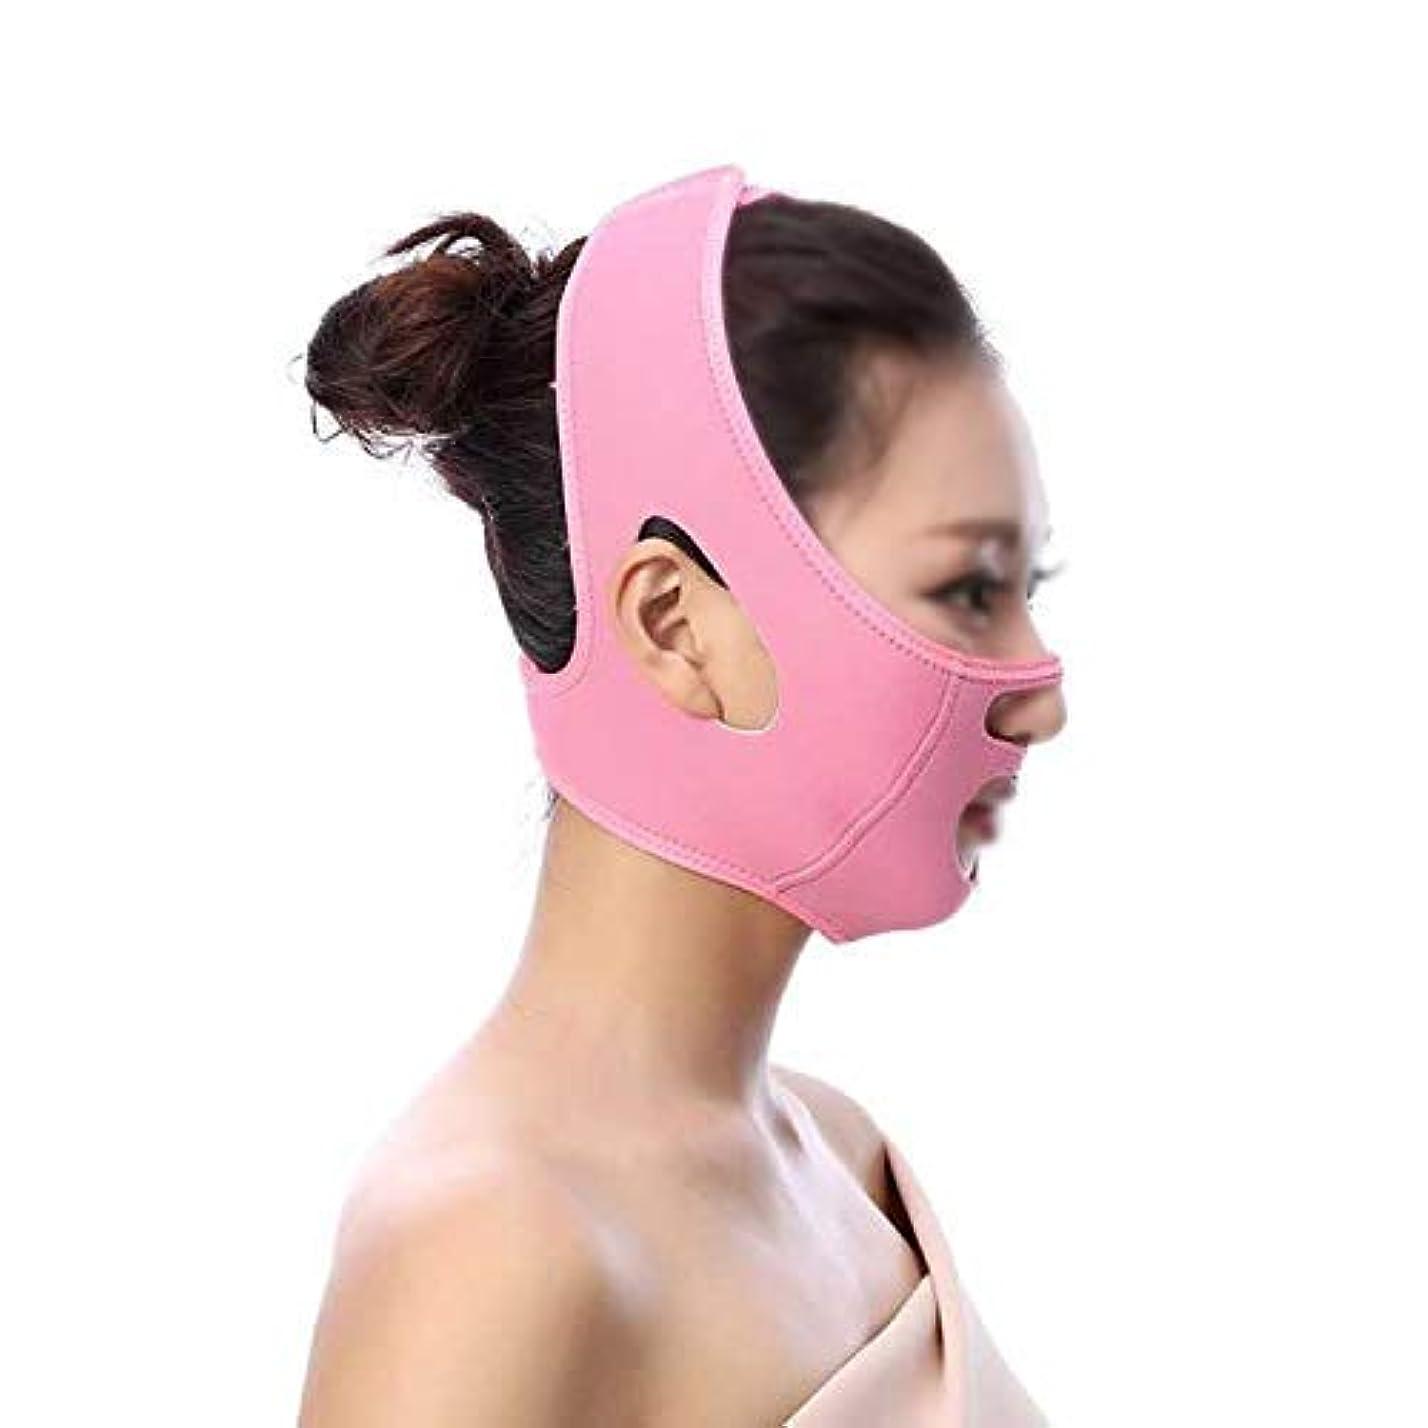 子虚弱新鮮な痩身ベルト、フェイスマスクvフェイスアーティファクトにあごを持ち上げるフェイスマスク睡眠薄いVフェイス包帯薄いフェイスステッカー